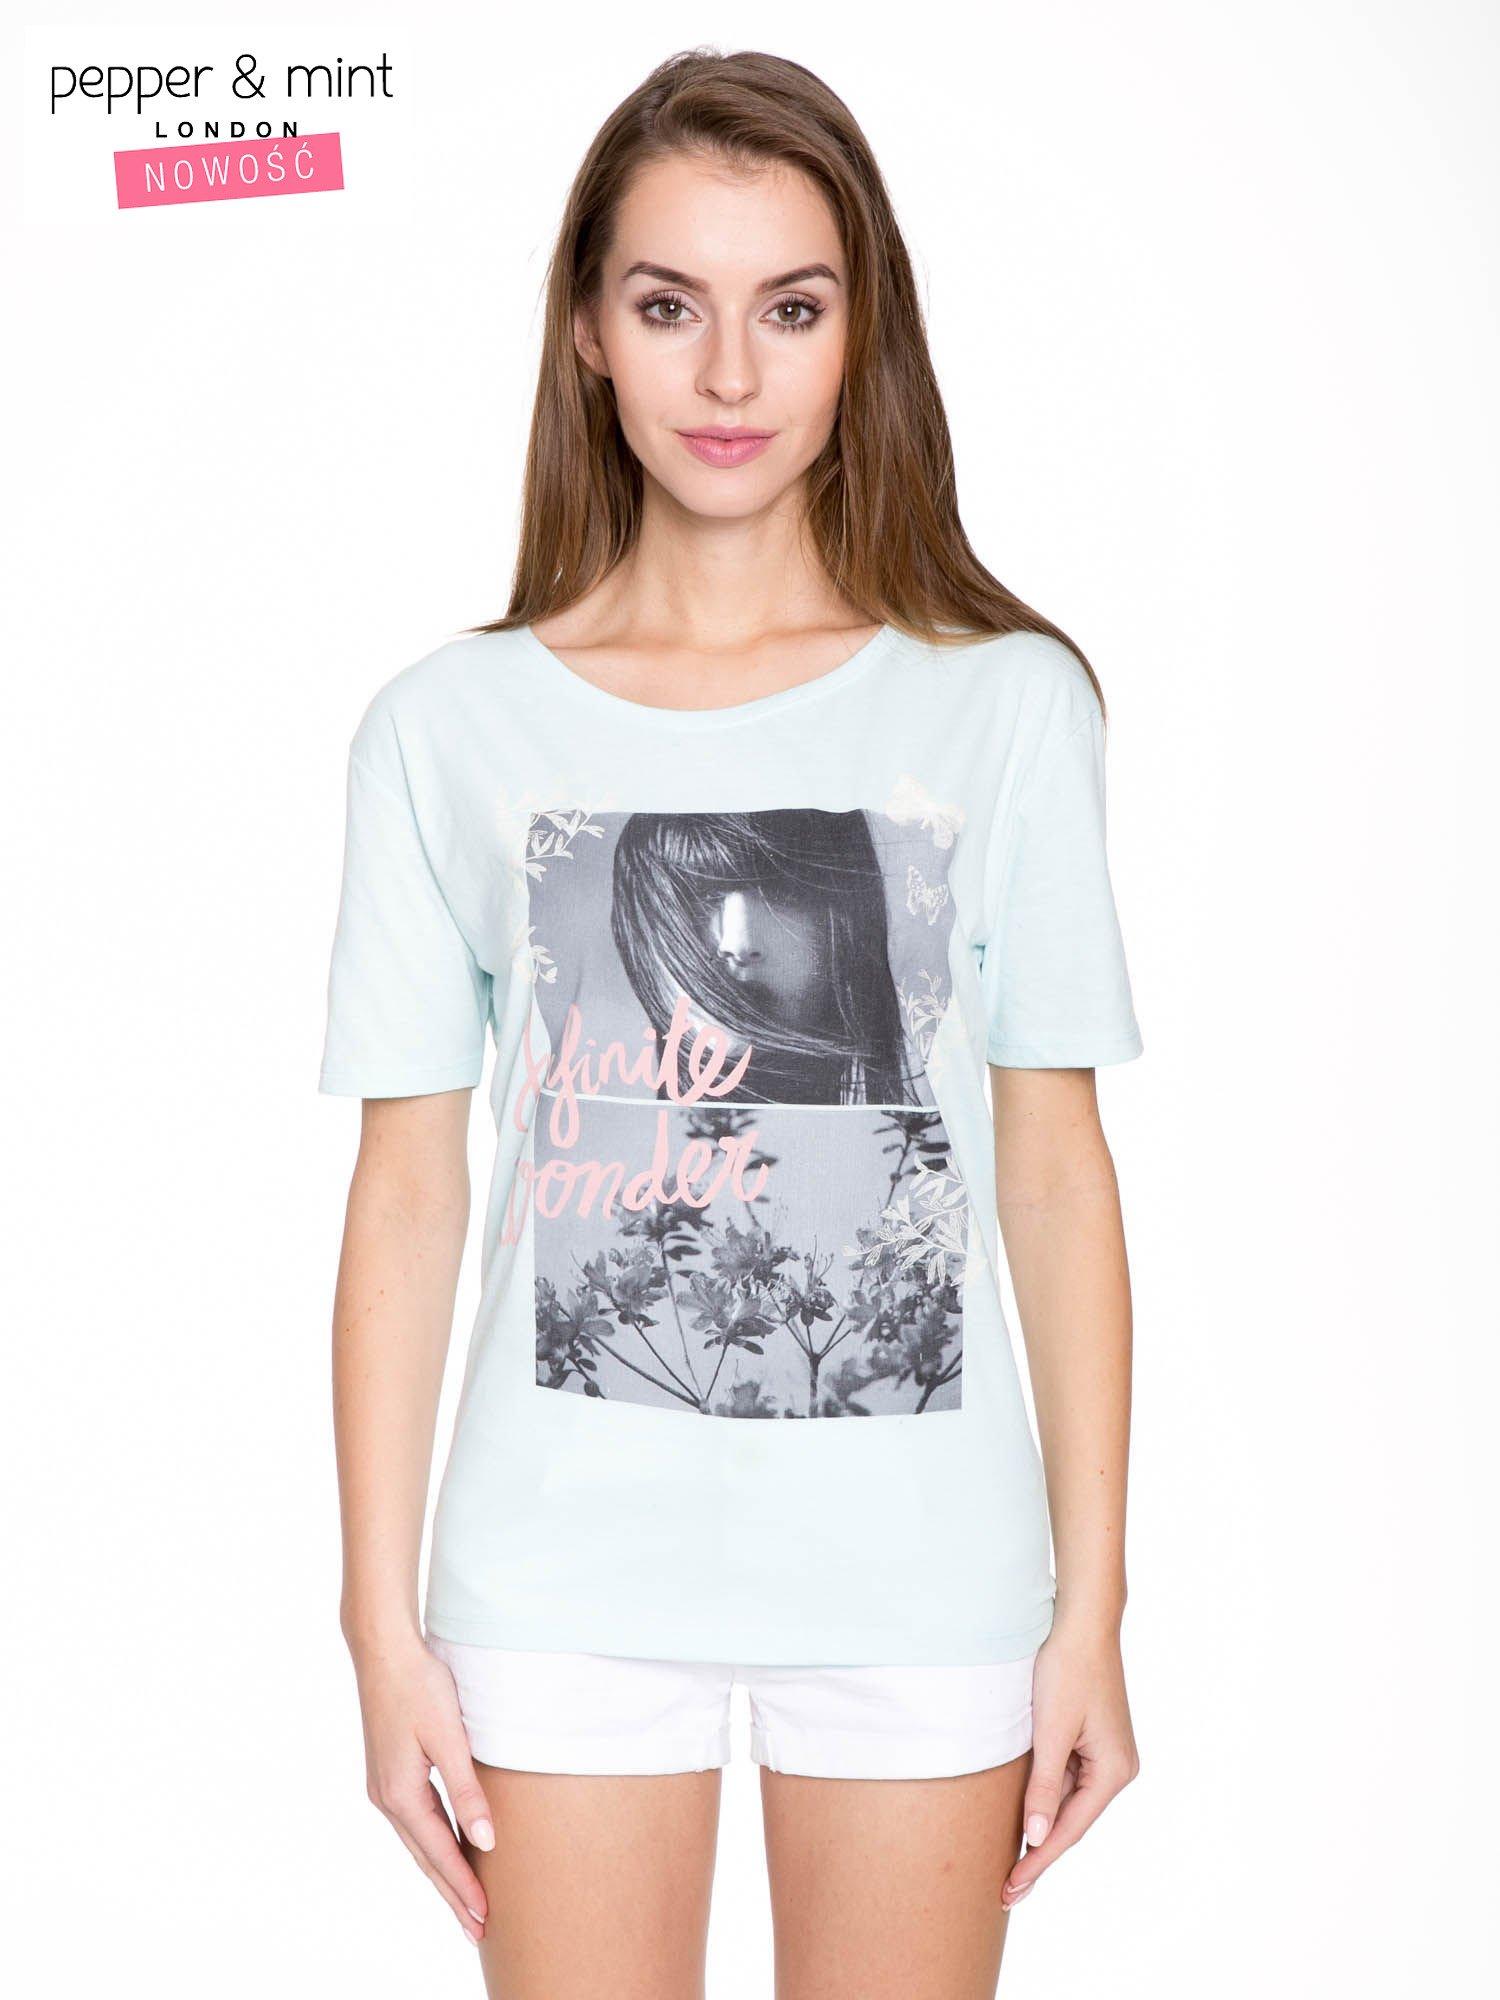 Niebieski t-shirt z romantycznym nadrukiem dziewczyny                                  zdj.                                  1